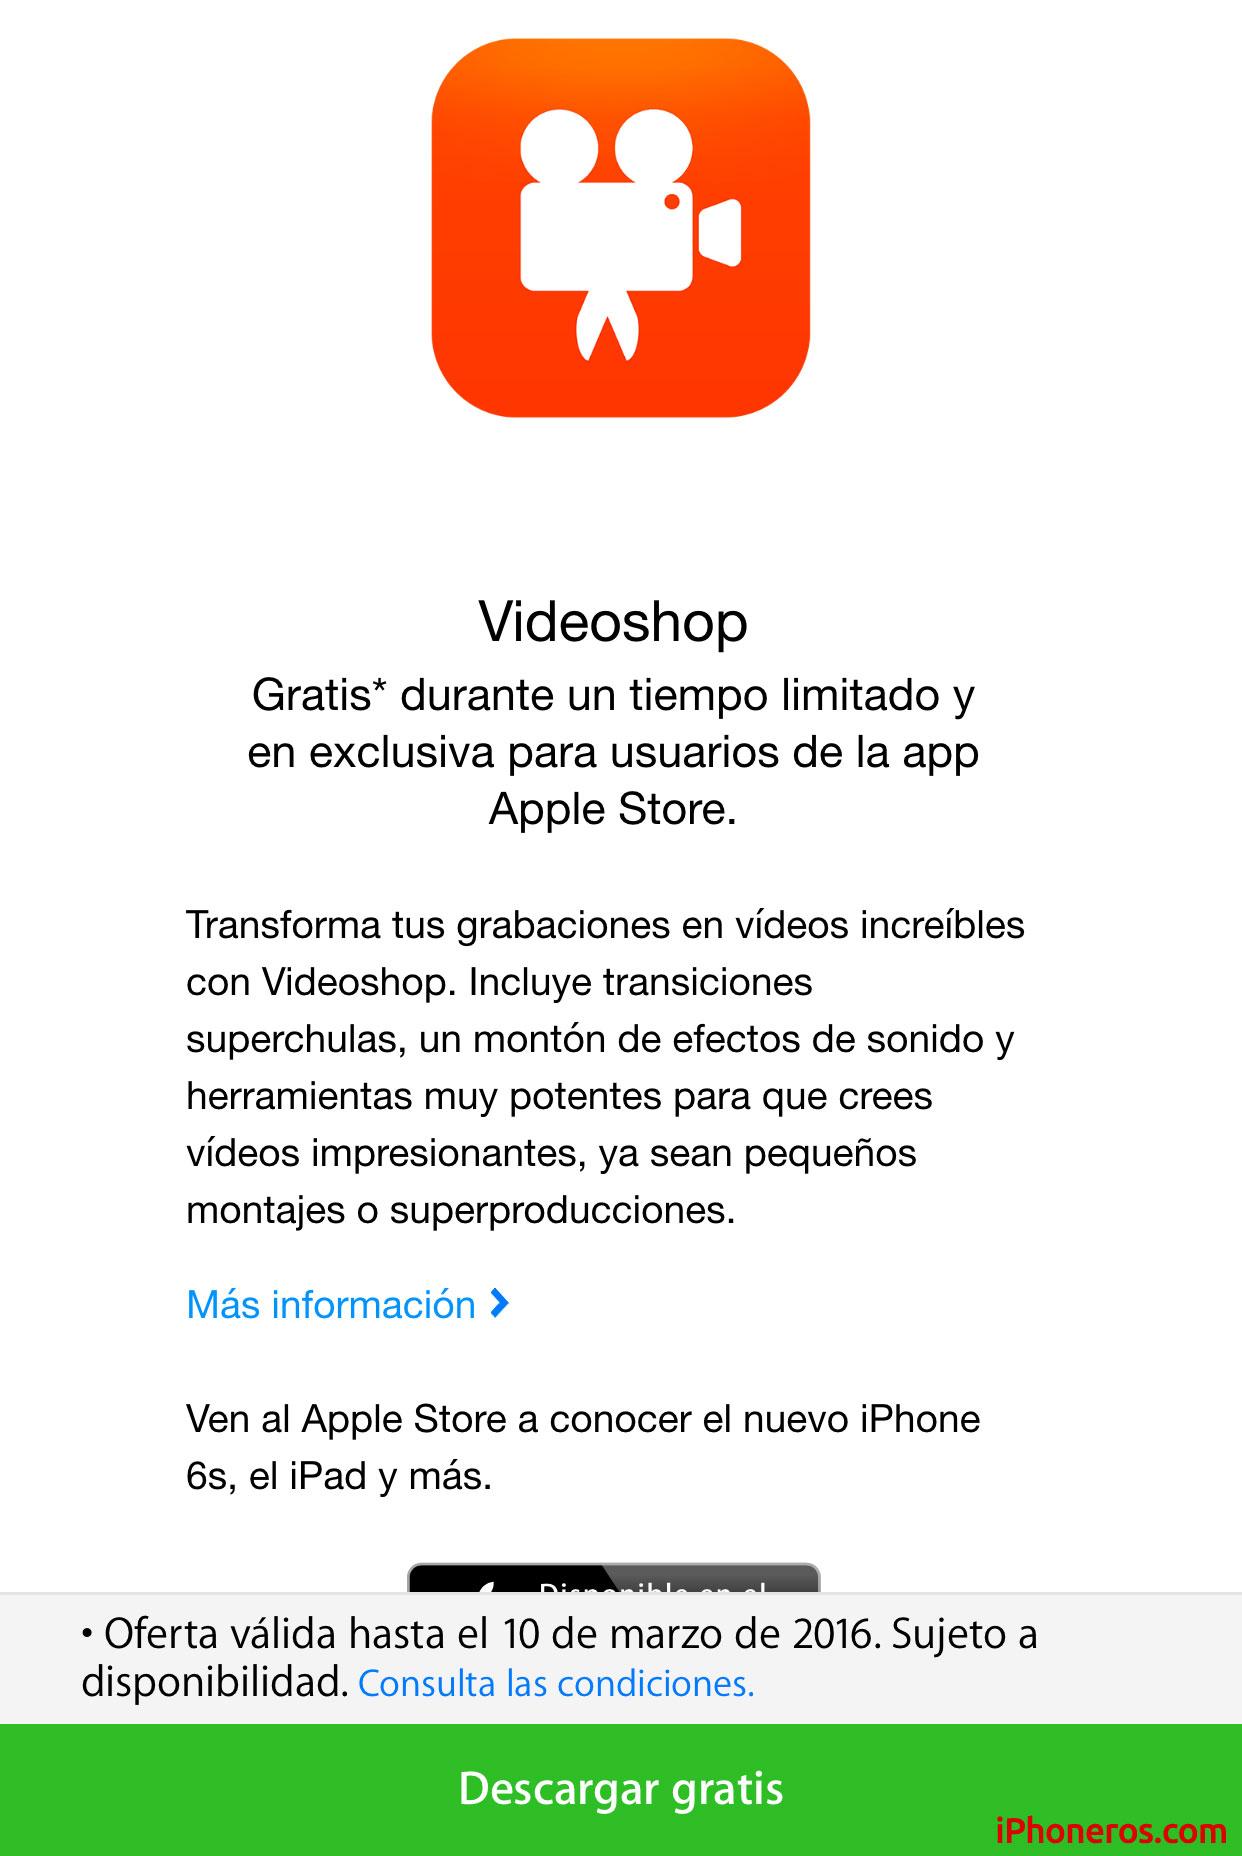 Videoshop gratis en la Apple Store